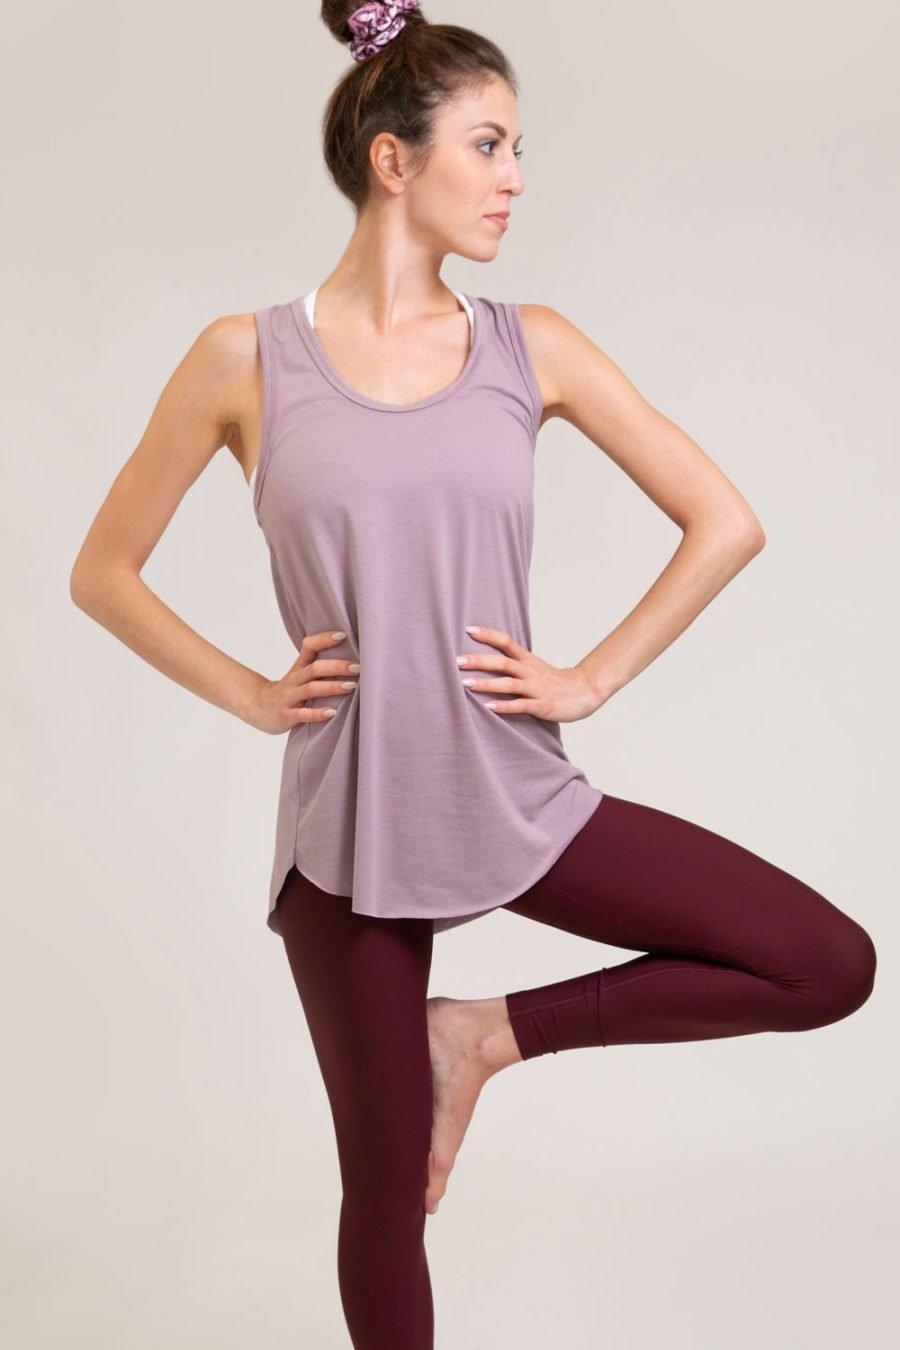 canotta new deva abbigliamento yoga donna made in Italy colore malva ecosostenibile